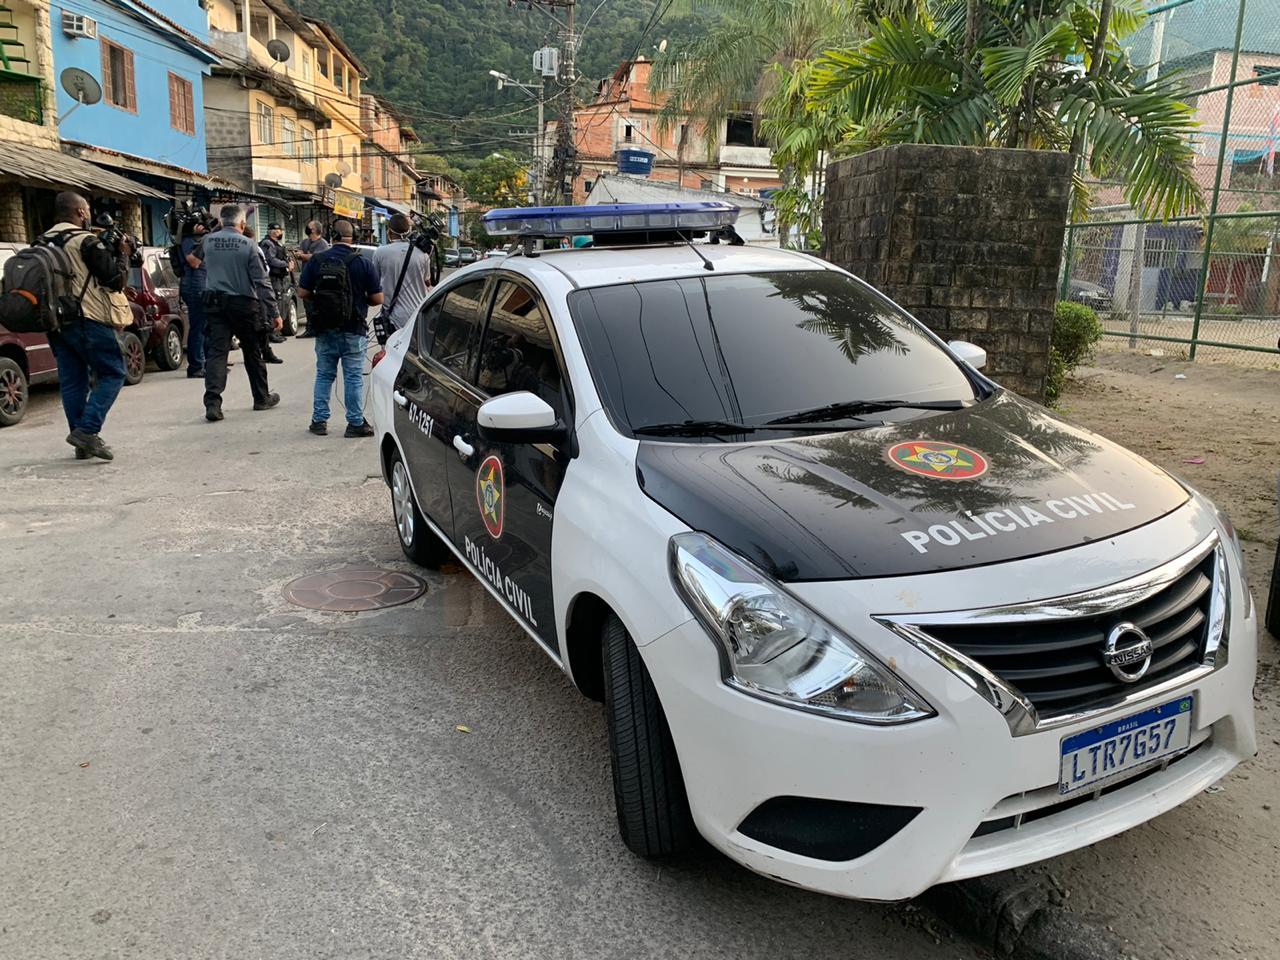 Operação da Polícia Civil no Rio de Janeiro